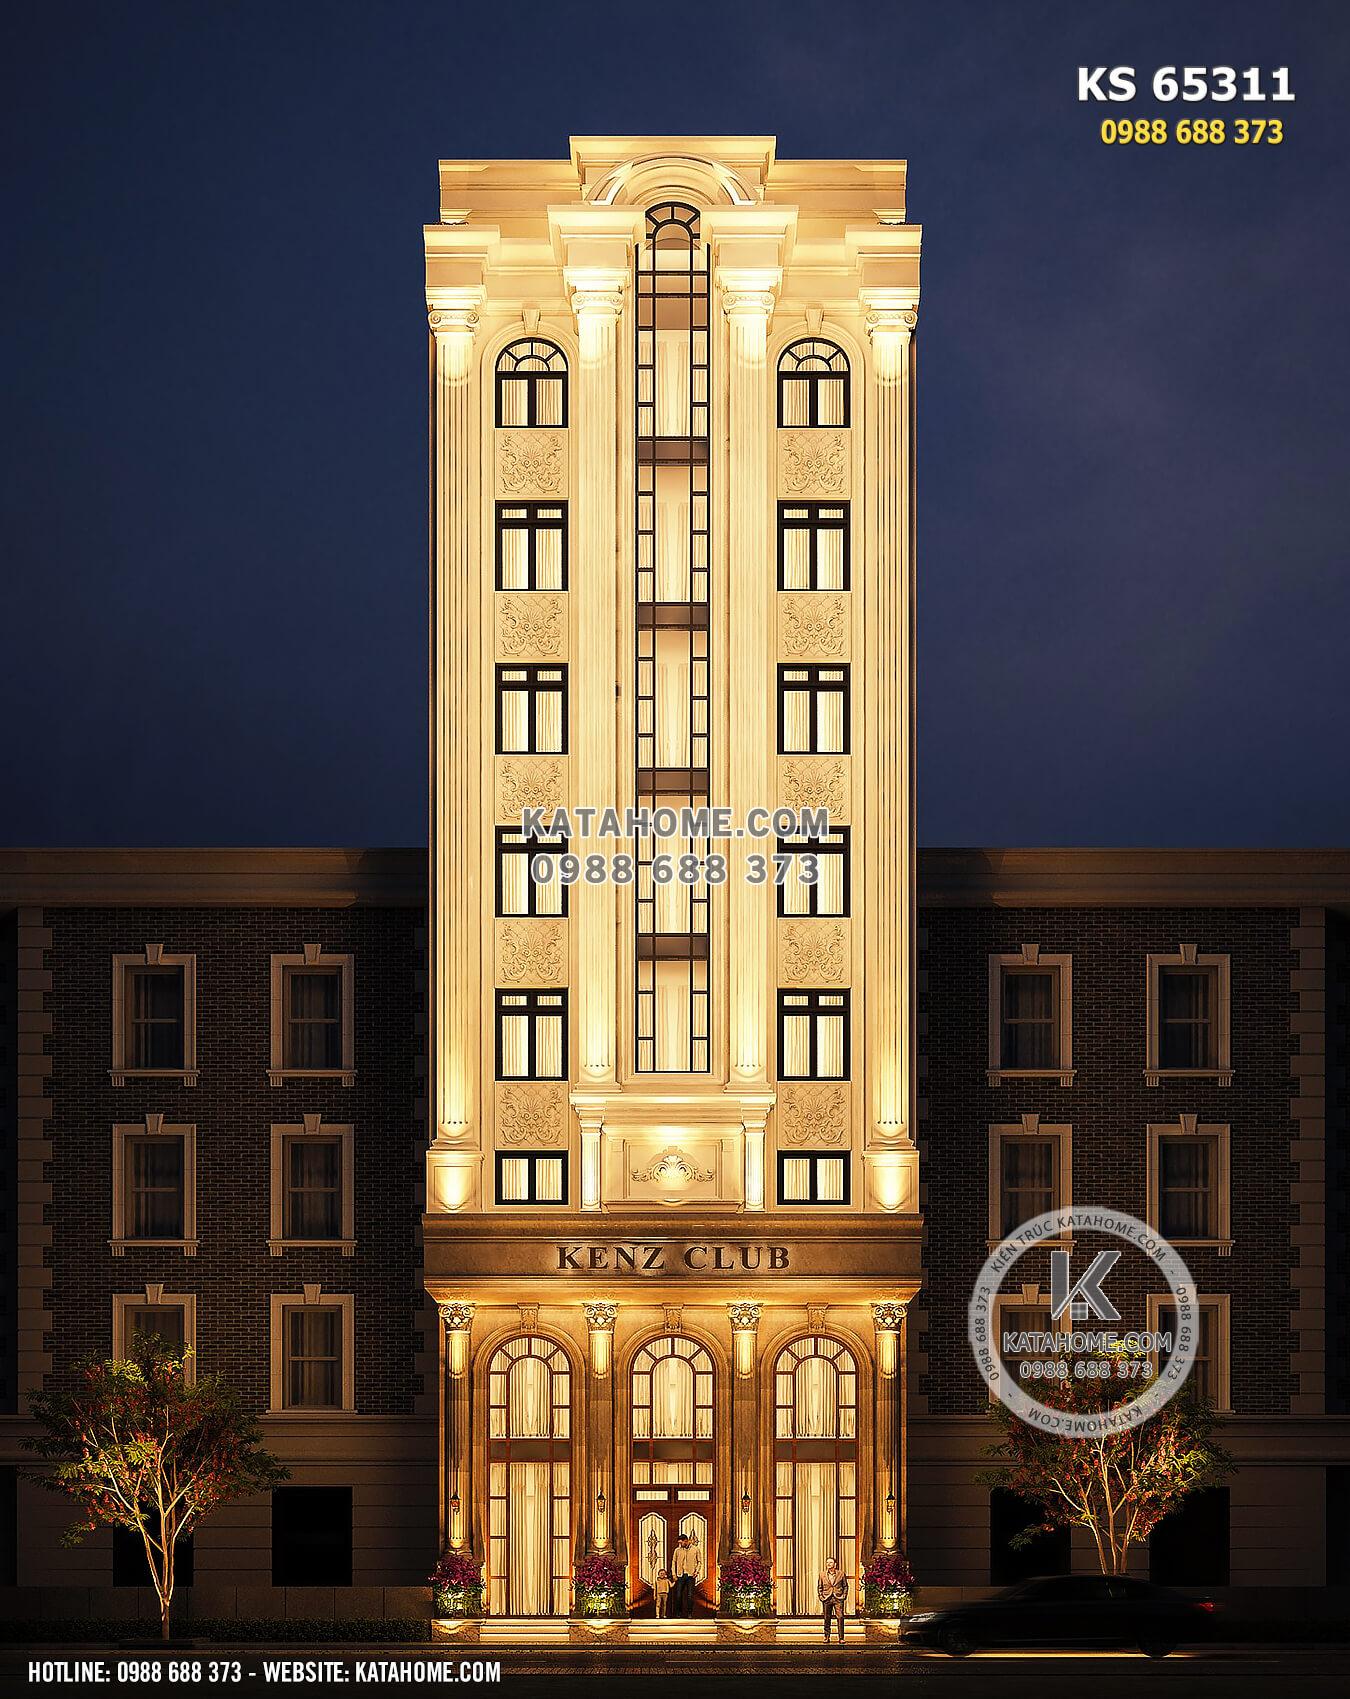 Hình ảnh: Không gian mặt tiền của mẫu thiết kế khách sạn tân cổ điển 2 sao